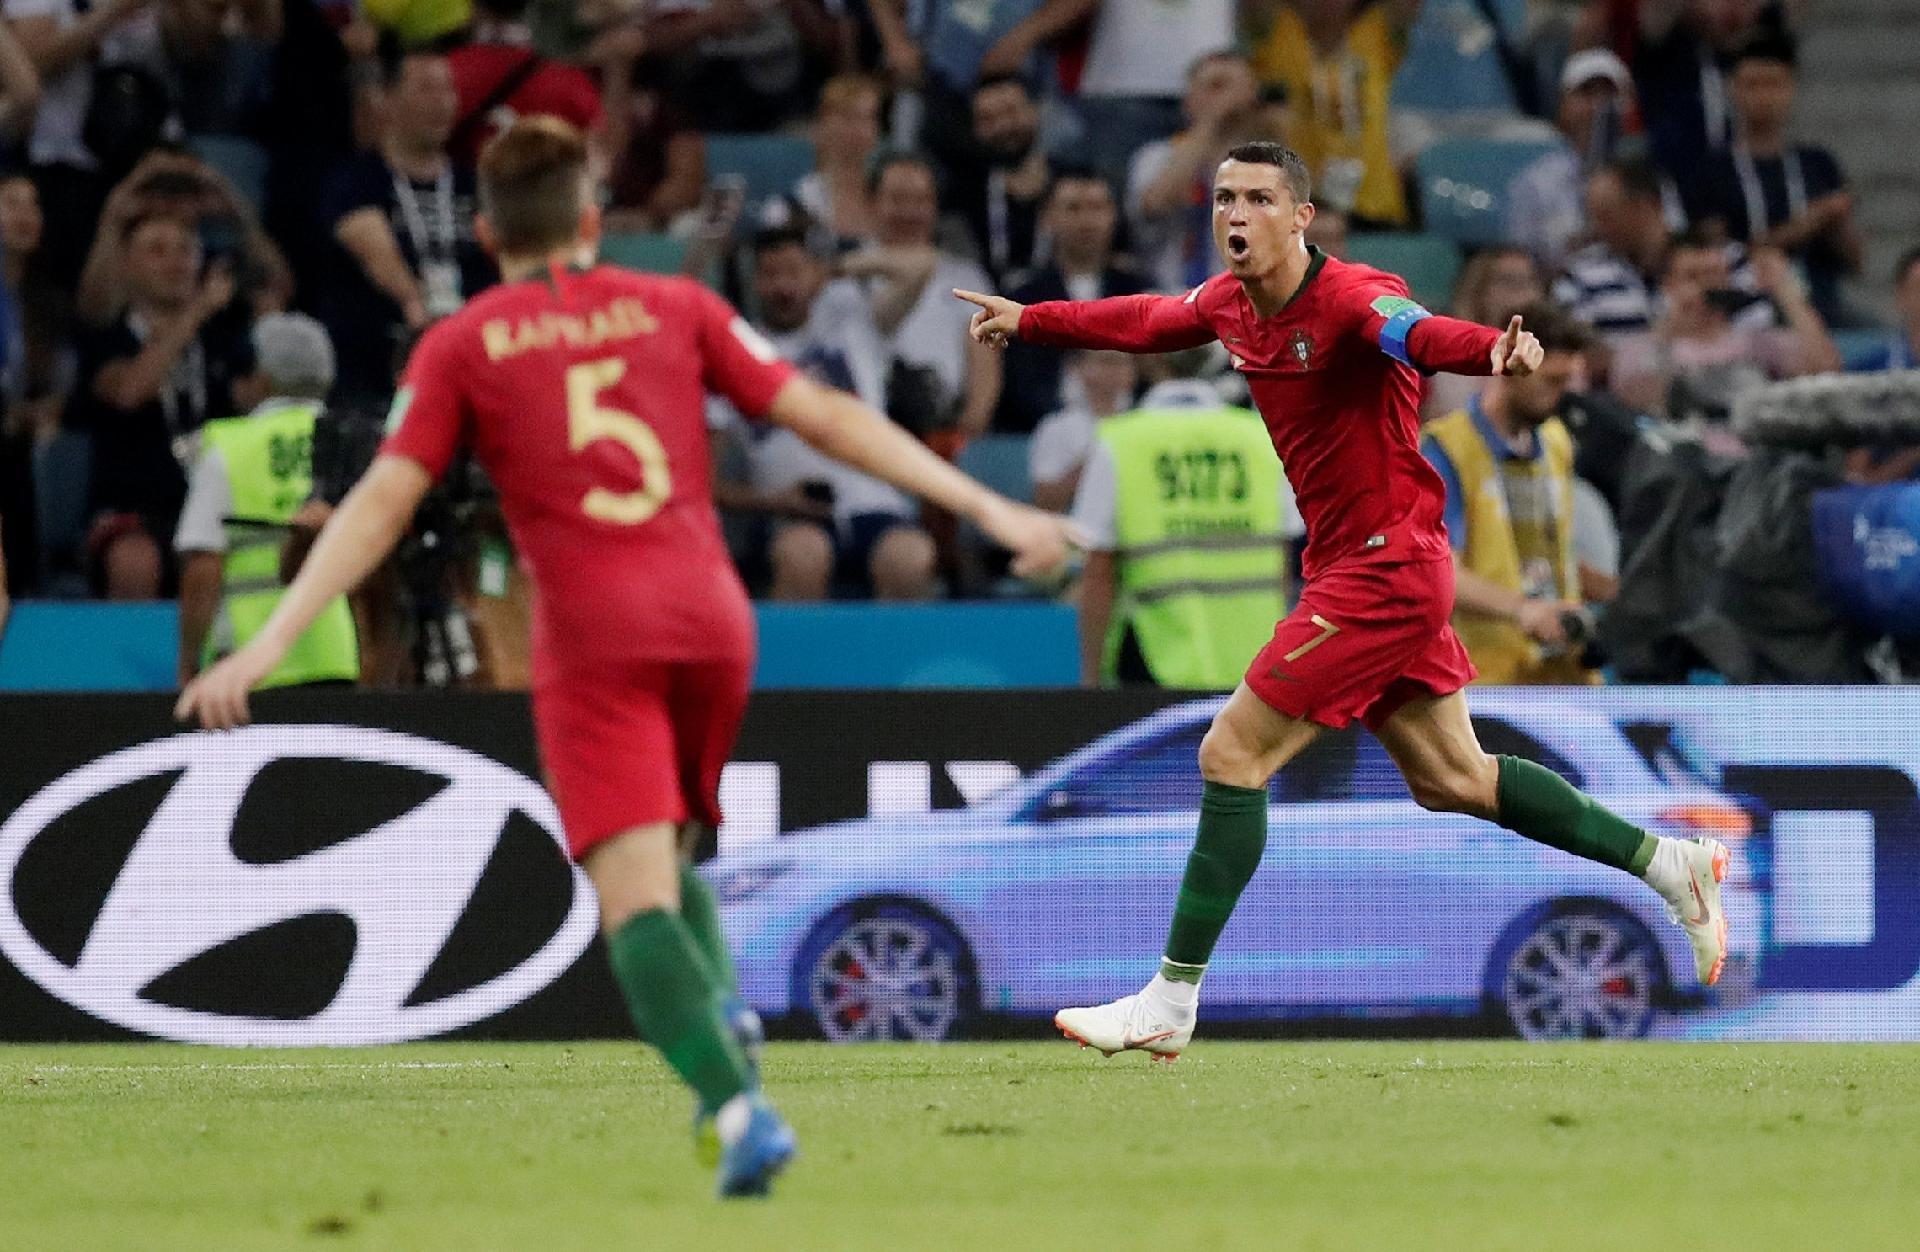 Portugal na Copa 2018  Cristiano Ronaldo marca três contra Espanha e iguala  feito de Pelé em Copas - UOL Copa do Mundo 2018 25413bf0998ff